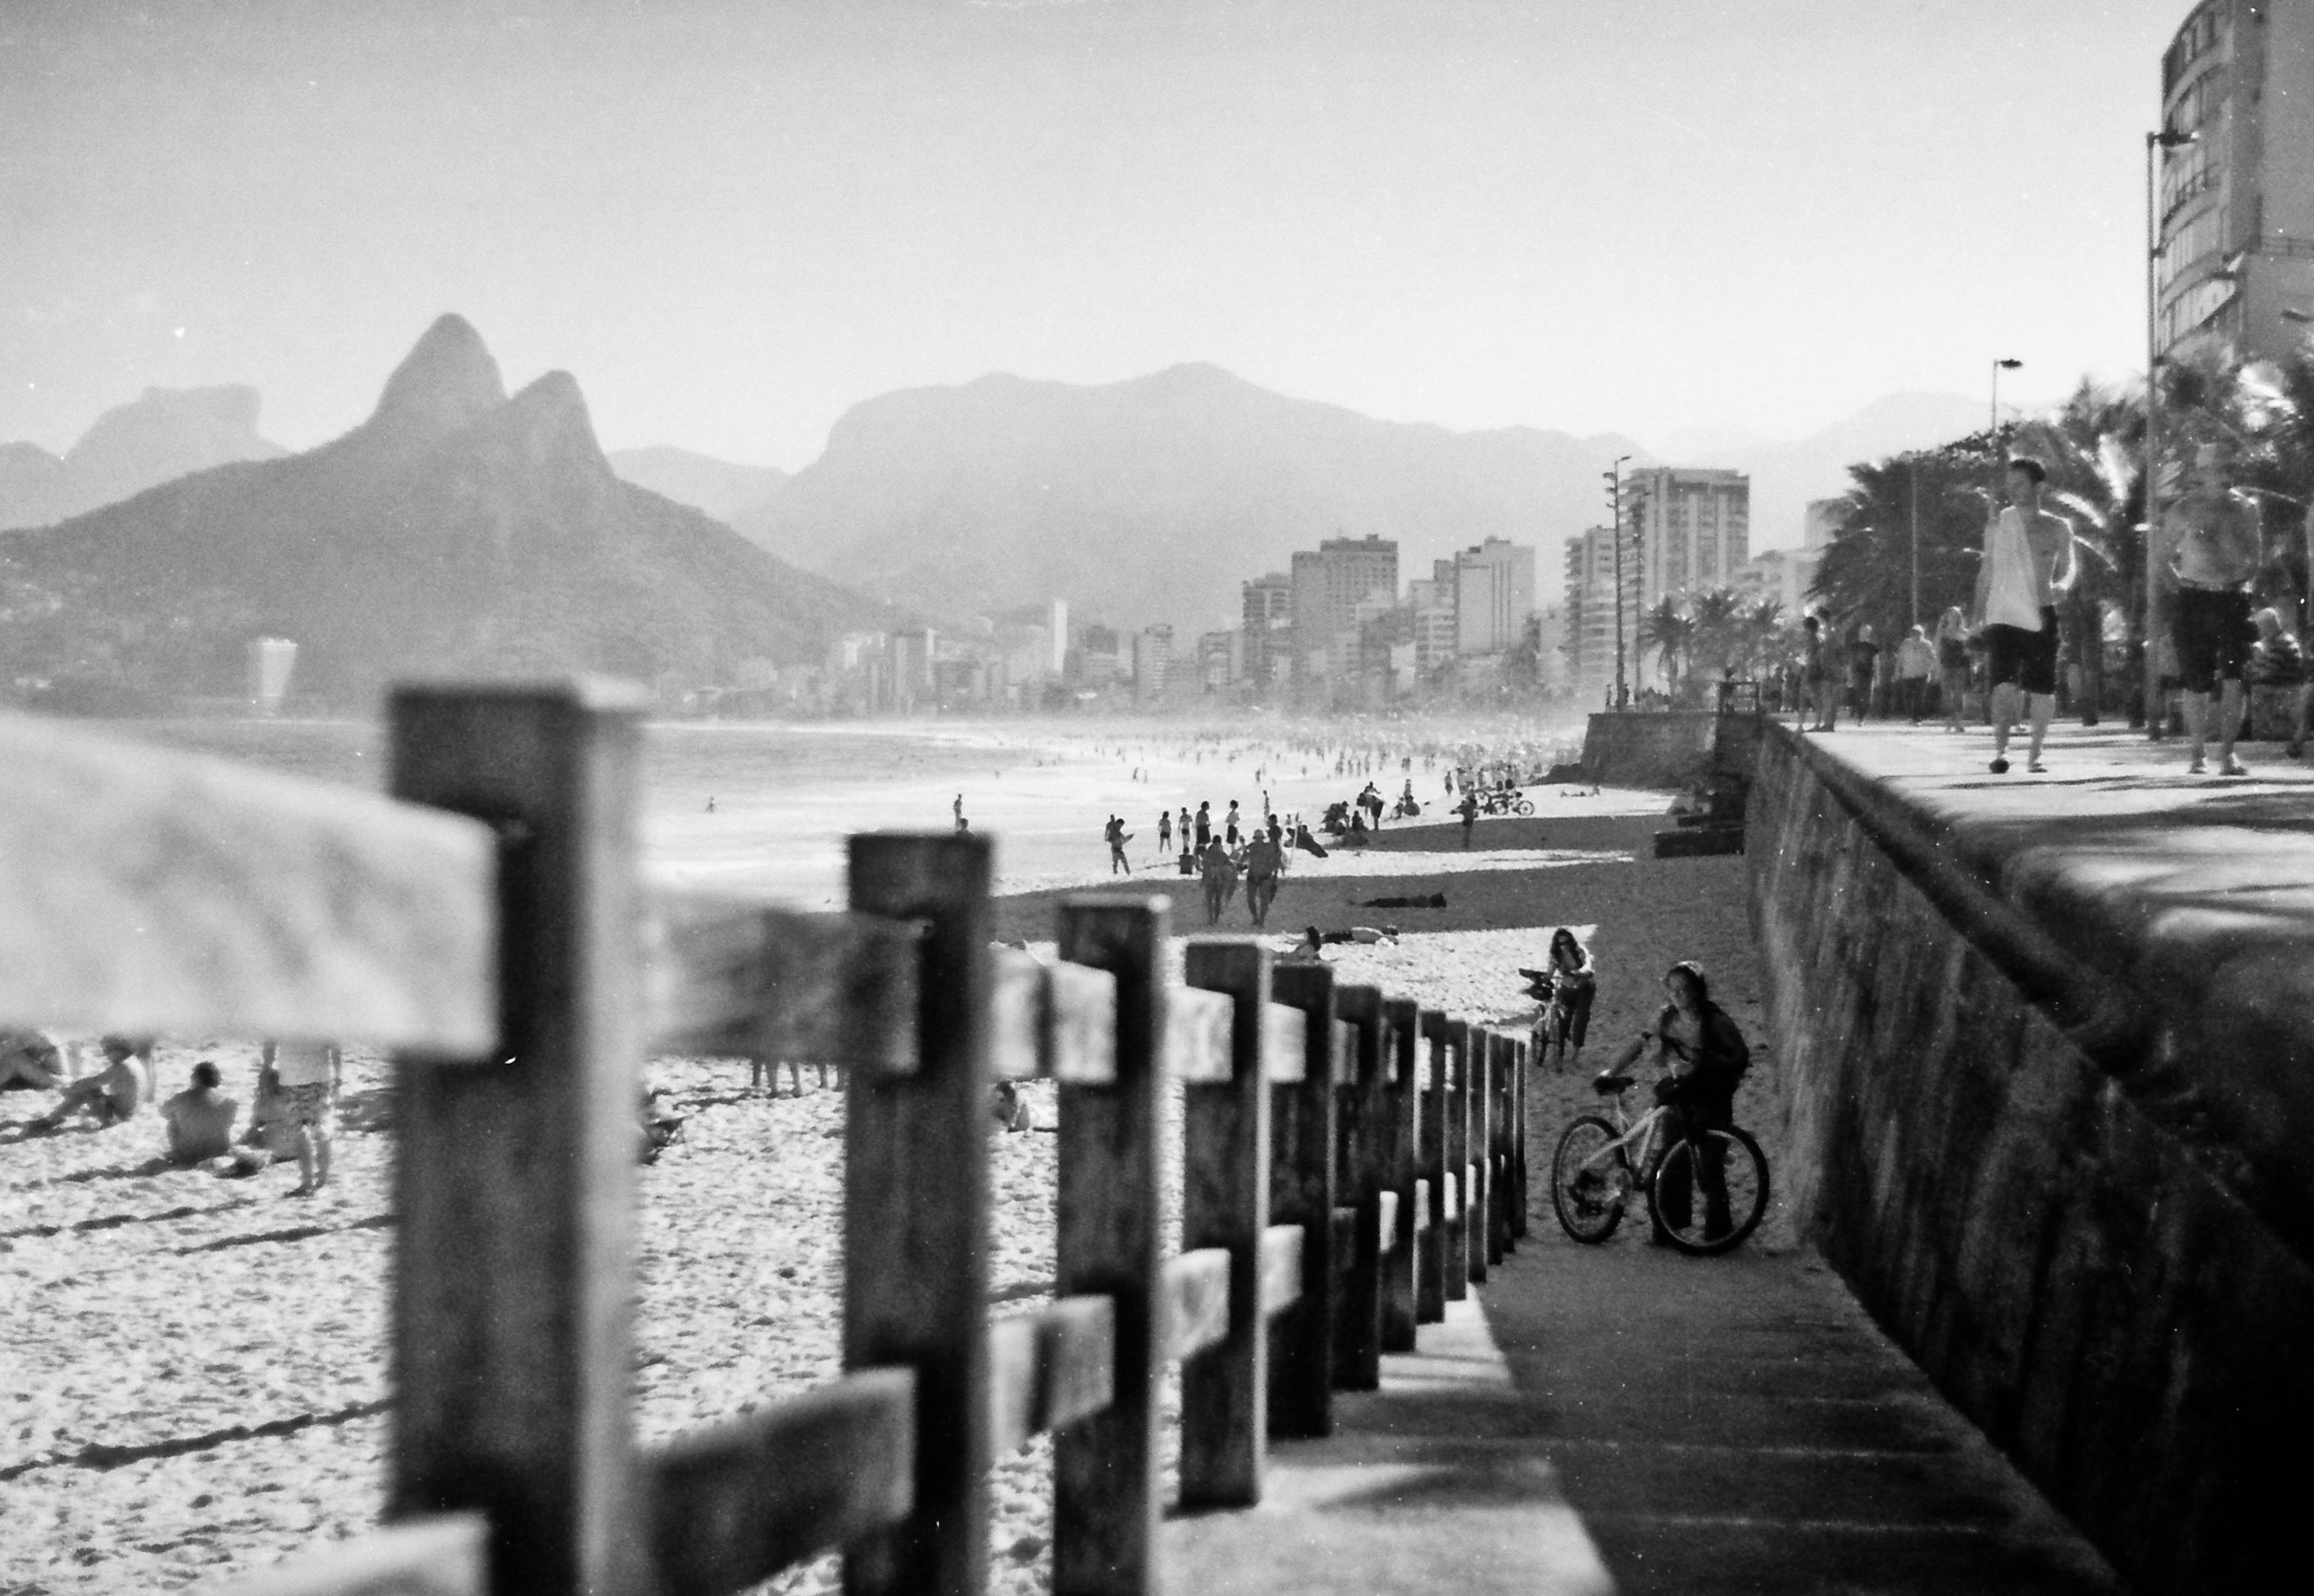 Marcos_Semola_Portfolio_2013_00031